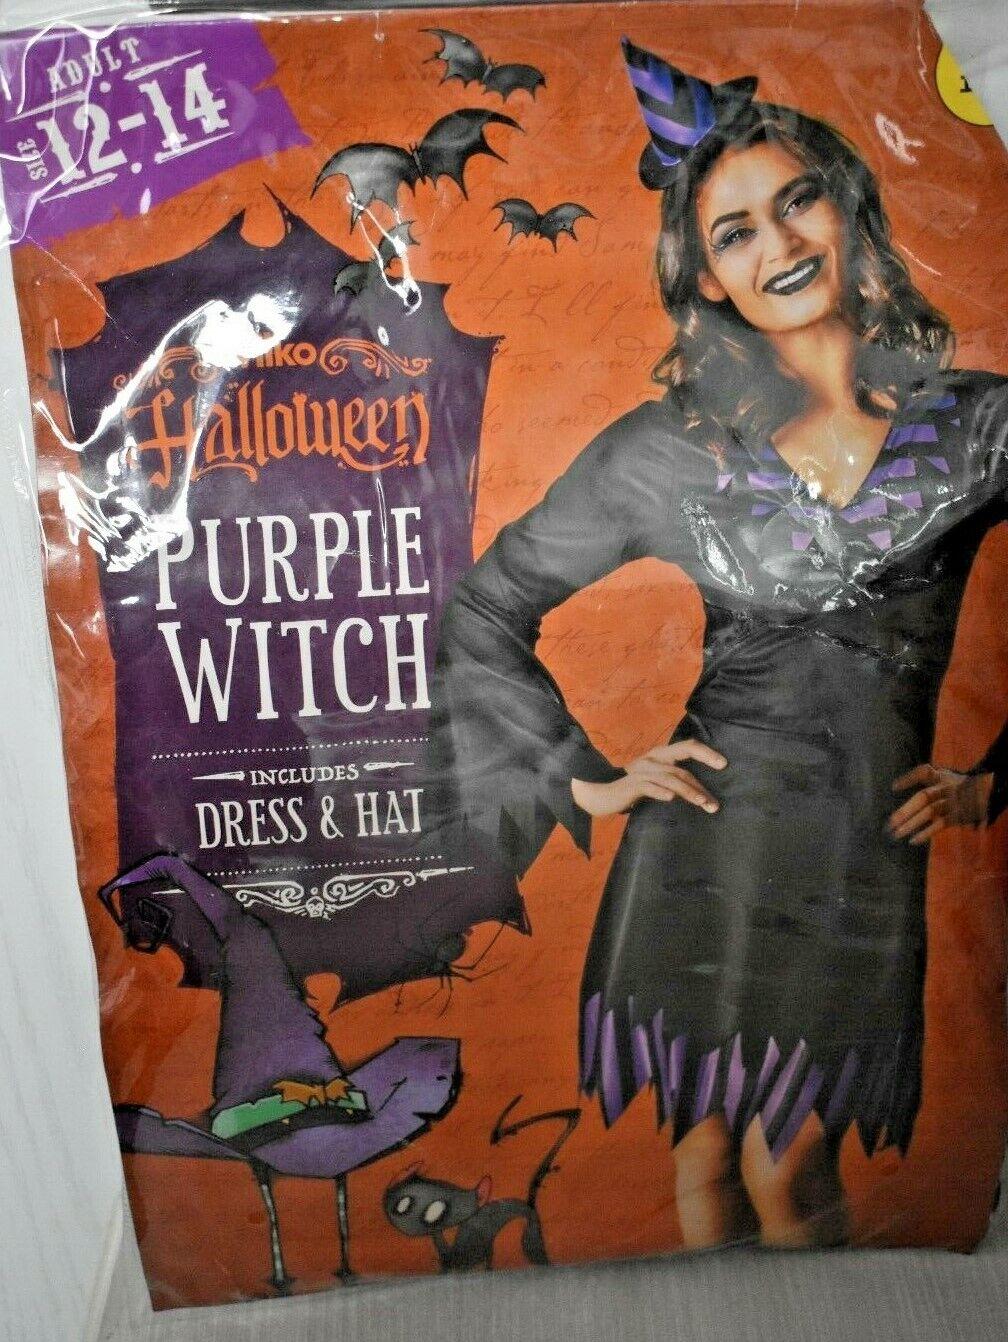 WOMENS SIZE 12-14 PURPLE WITCH HALLOWEEN FANCY DRESS COSTUME + HAT BNWT